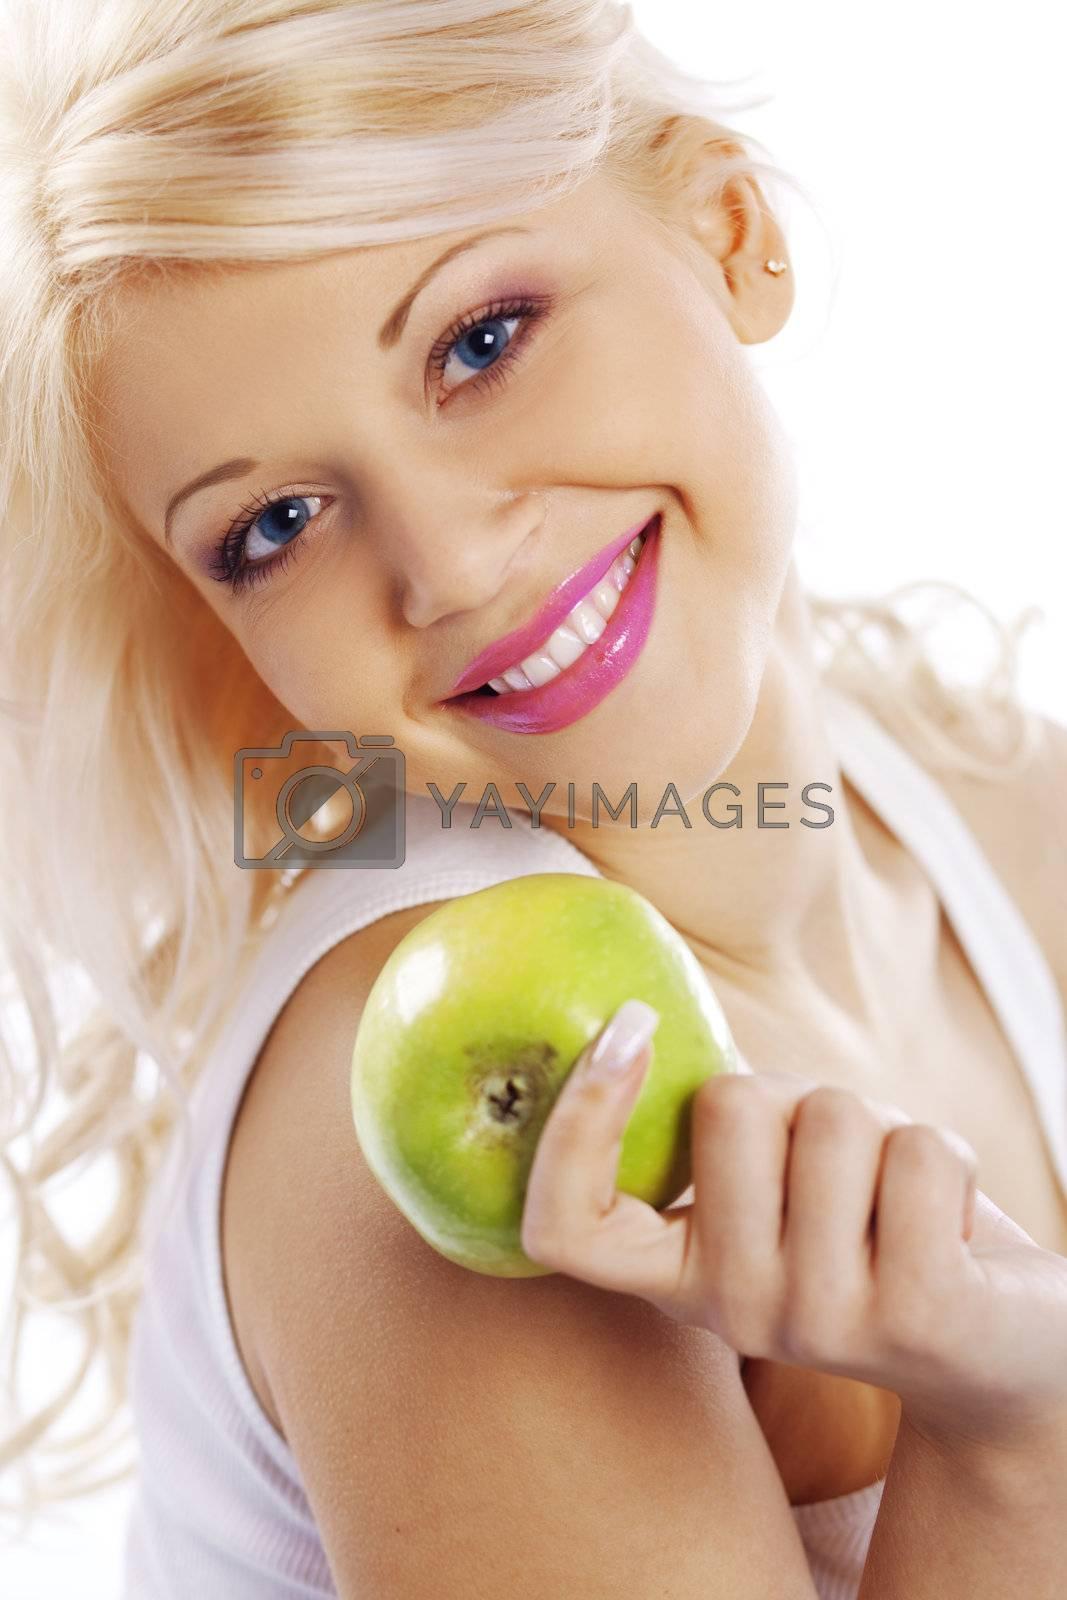 Healthy lifestyle by alenkasm